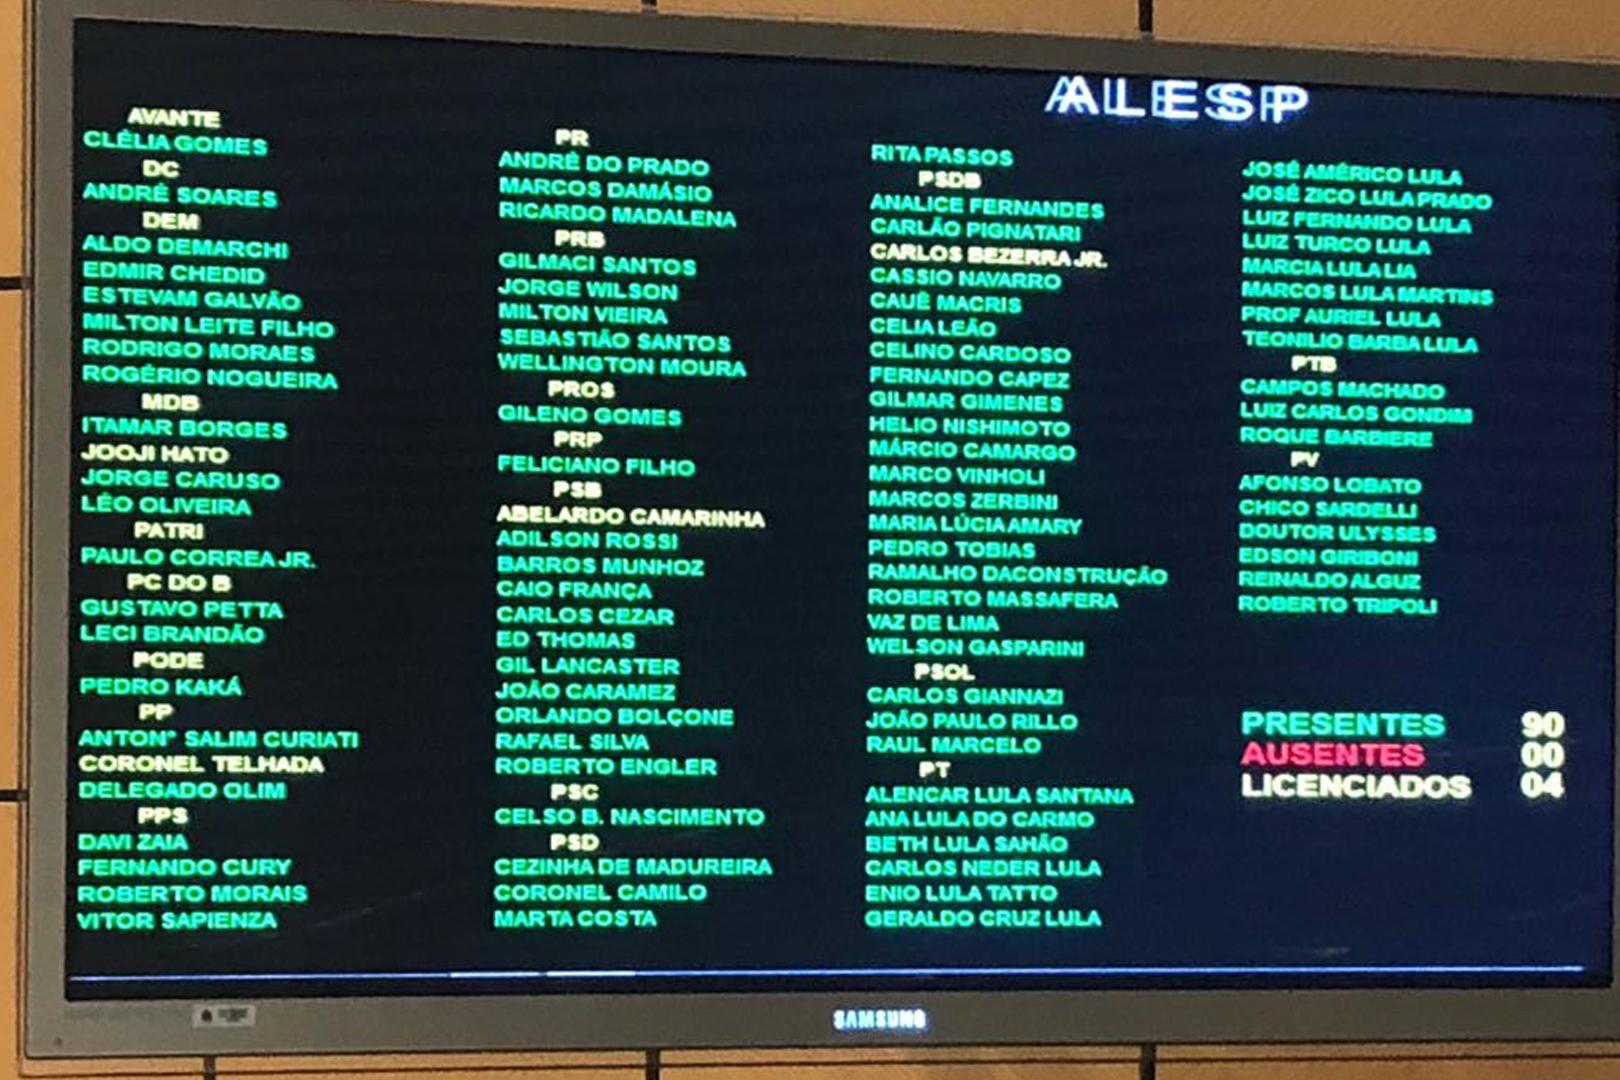 Alesp aprova criação de 30 cargos de juiz substituto em 2º grau